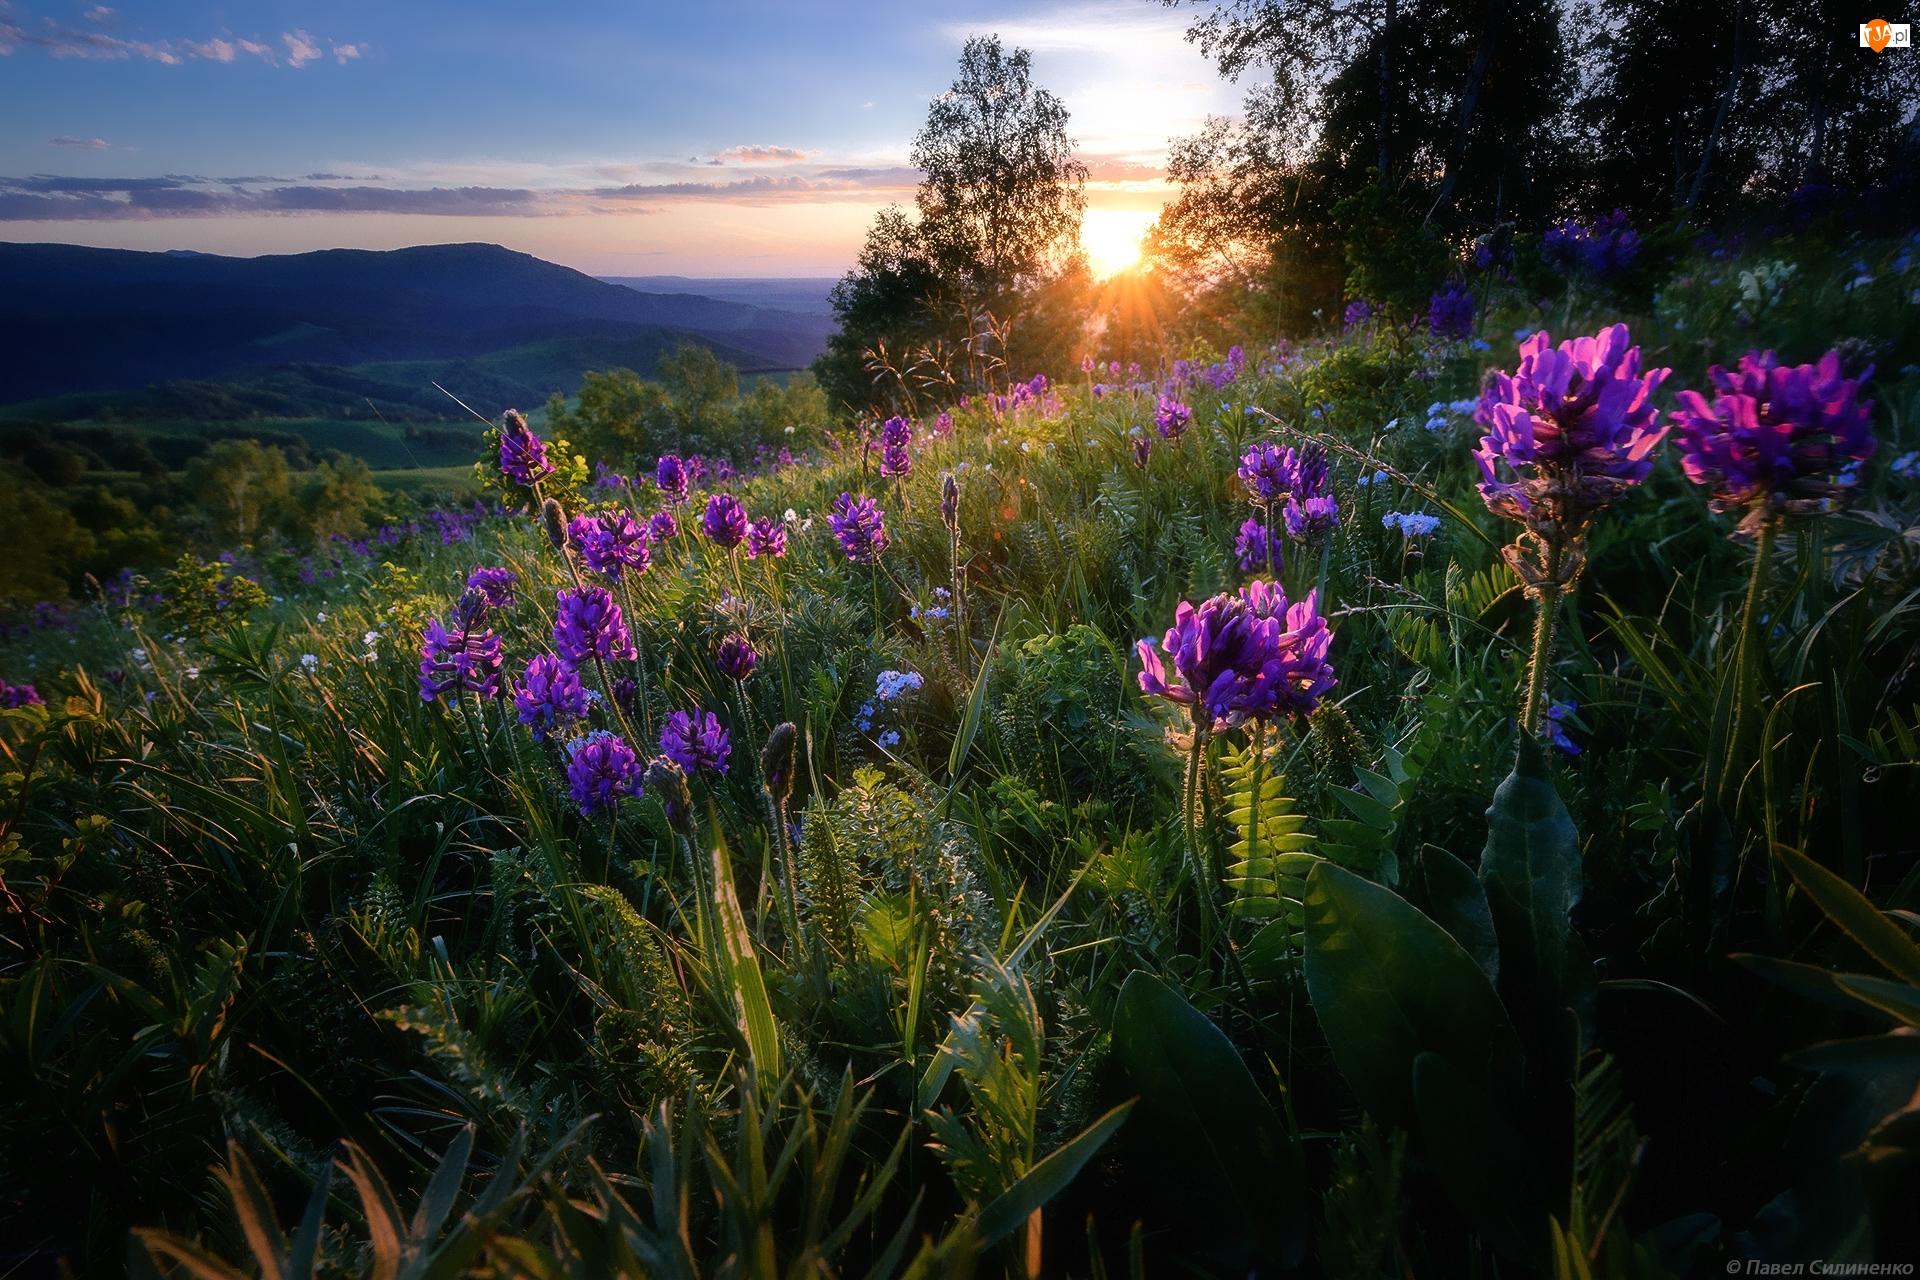 Traganek, Promienie słońca, Kwiaty, Łąka, Wzgórze